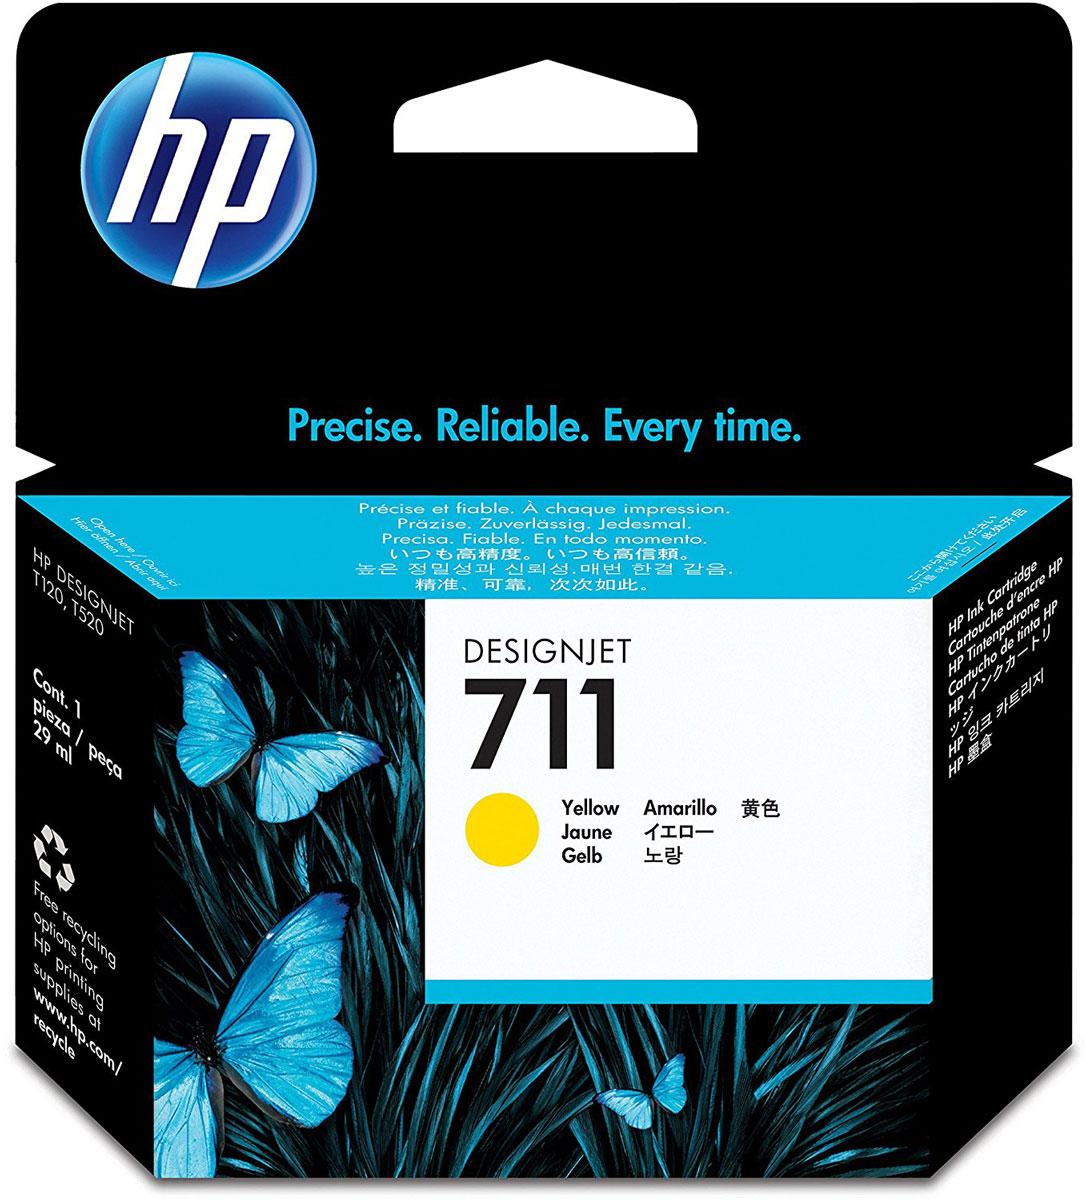 HP CZ132A (711), Yellow картридж для T120/T520CZ132AКартридж HP 711 емкостью 29 мл с желтыми чернилами обеспечивает великолепную печать. Насыщенный цвет и четкие линии в сочетании с быстрым высыханием и стойкостью фотографий к смазыванию. Оригинальные чернила HP разработаны и протестированы вместе с принтерами для обеспечения стабильных результатов.Пробы и ошибки отнимают время. Для получения качества, достойного вас, используйте оригинальные расходные материалы HP, которые в сочетании с принтером работают как оптимизированная система печати для обеспечения точных линий, четких деталей и богатой цветовой гаммы.Представьте, какое влияние вы сможете оказать на своих слушателей, если в вашем арсенале будут четкие и легкочитаемые чертежи и цветные презентации. Оригинальные чернила HP - это уникальная комбинация качества и надежности; чернила HP - это четкость линий, быстрое высыхание и стойкость к смазыванию.